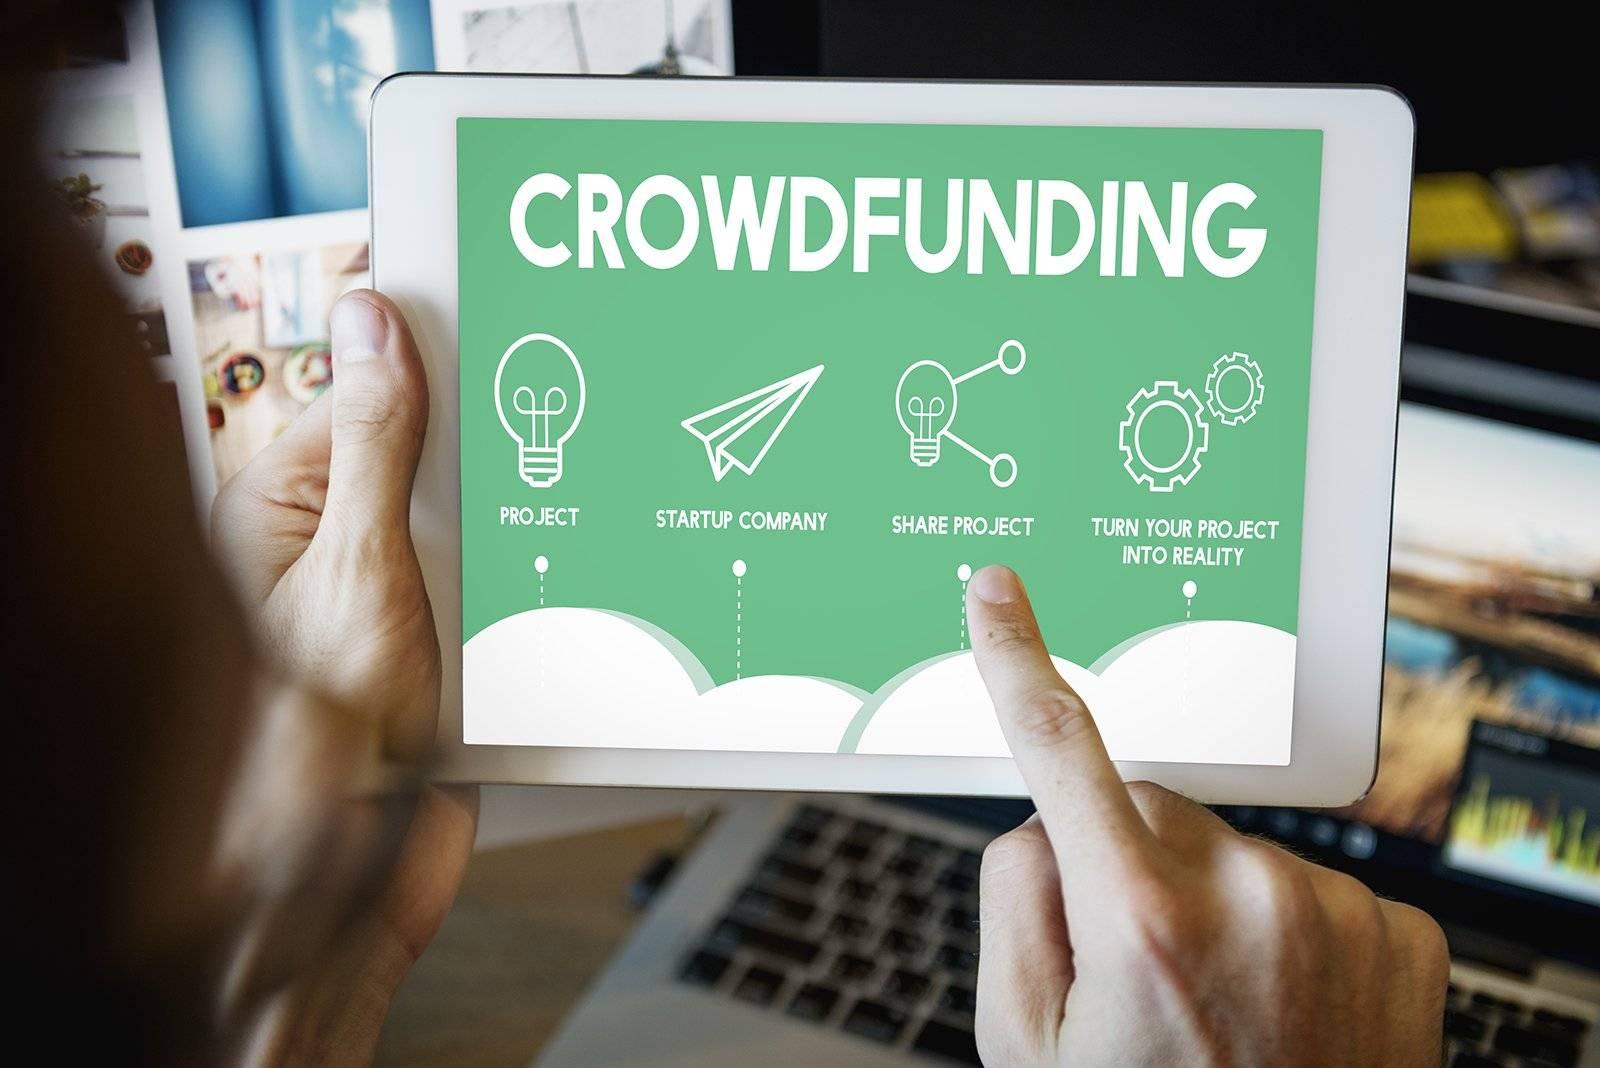 Approvato il regolamento UE sul crowdfunding Europeo